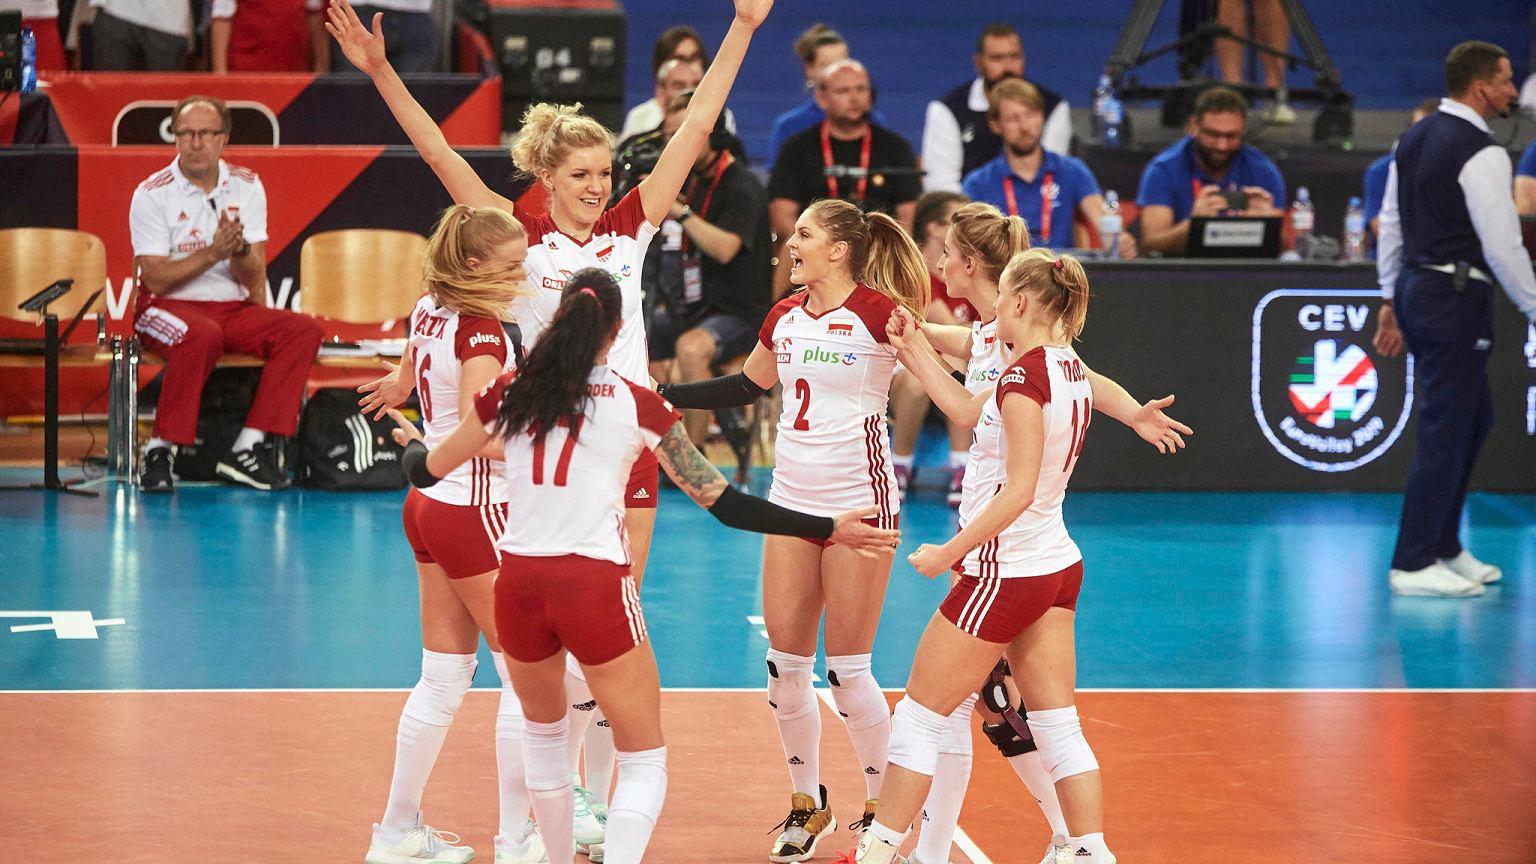 Holandia - Polska, turniej kwalifikacyjny do IO 2020. Gdzie i o której godzinie obejrzeć transmisję? TV, stream online, na żywo, 09.01